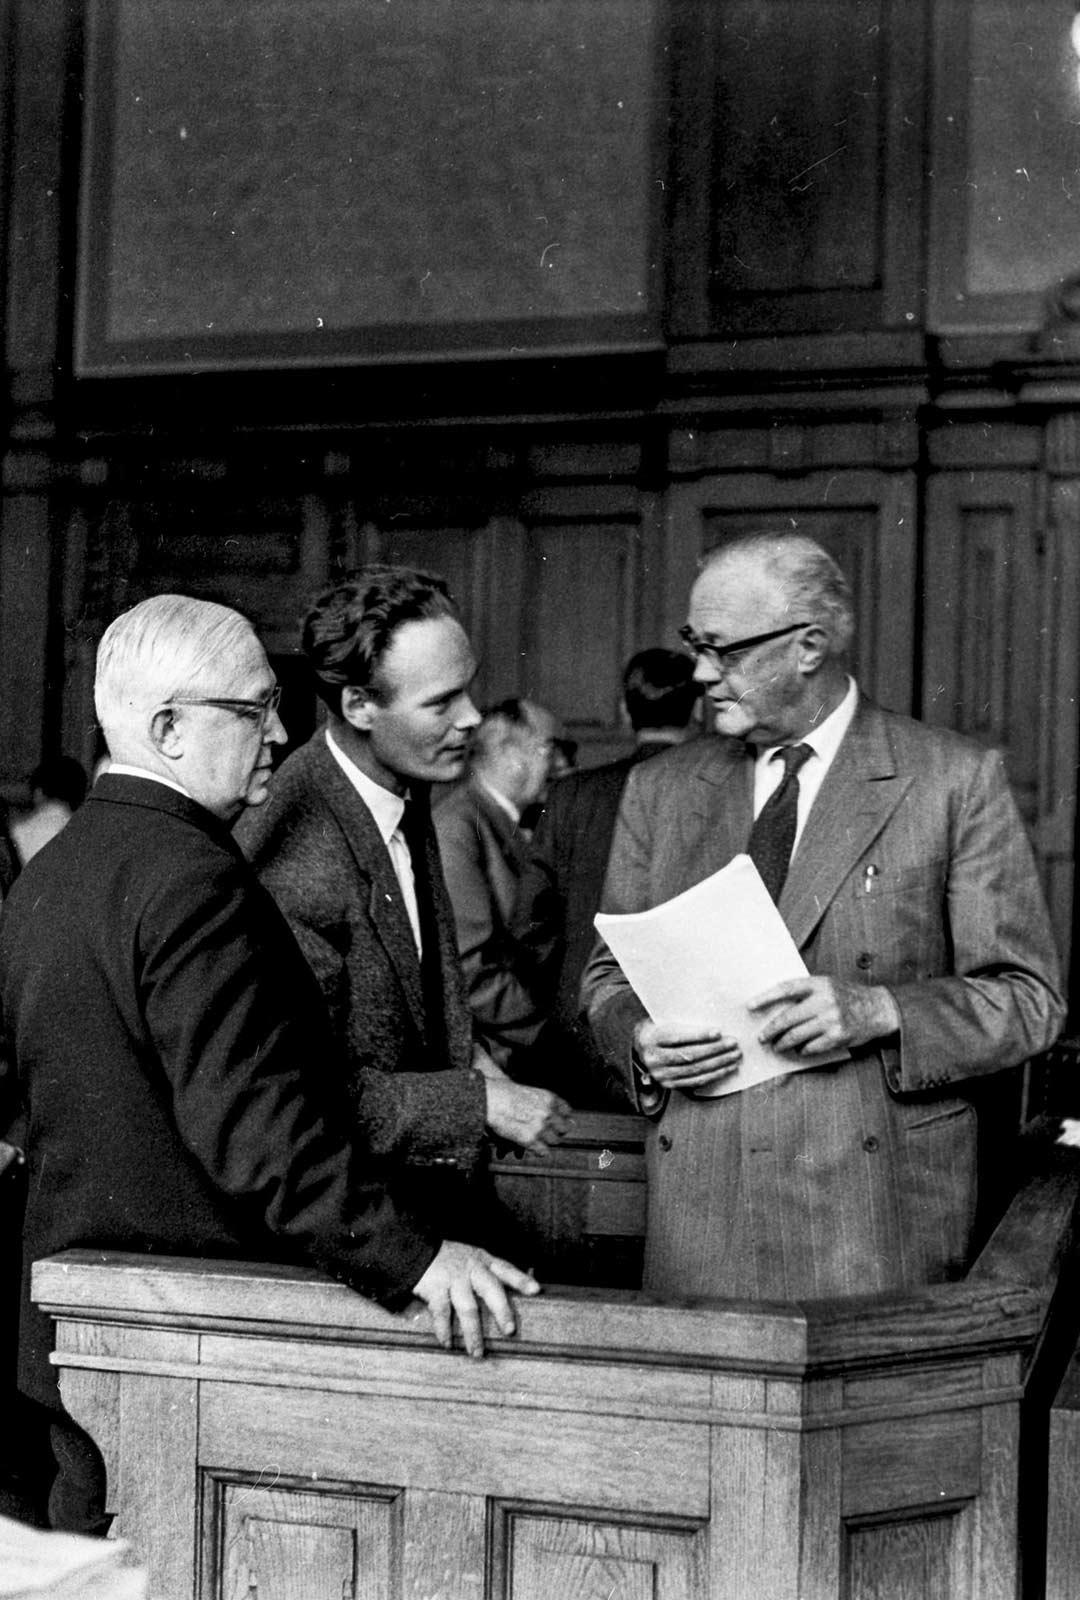 Oslossa käydyssä oikeudenkäynnissä olivat paikalla myös kirjailija Agnar Mykle (keskellä) sekä Gyldendal-kustantamon toimitusjohtaja Harald Grieg (oikealla).